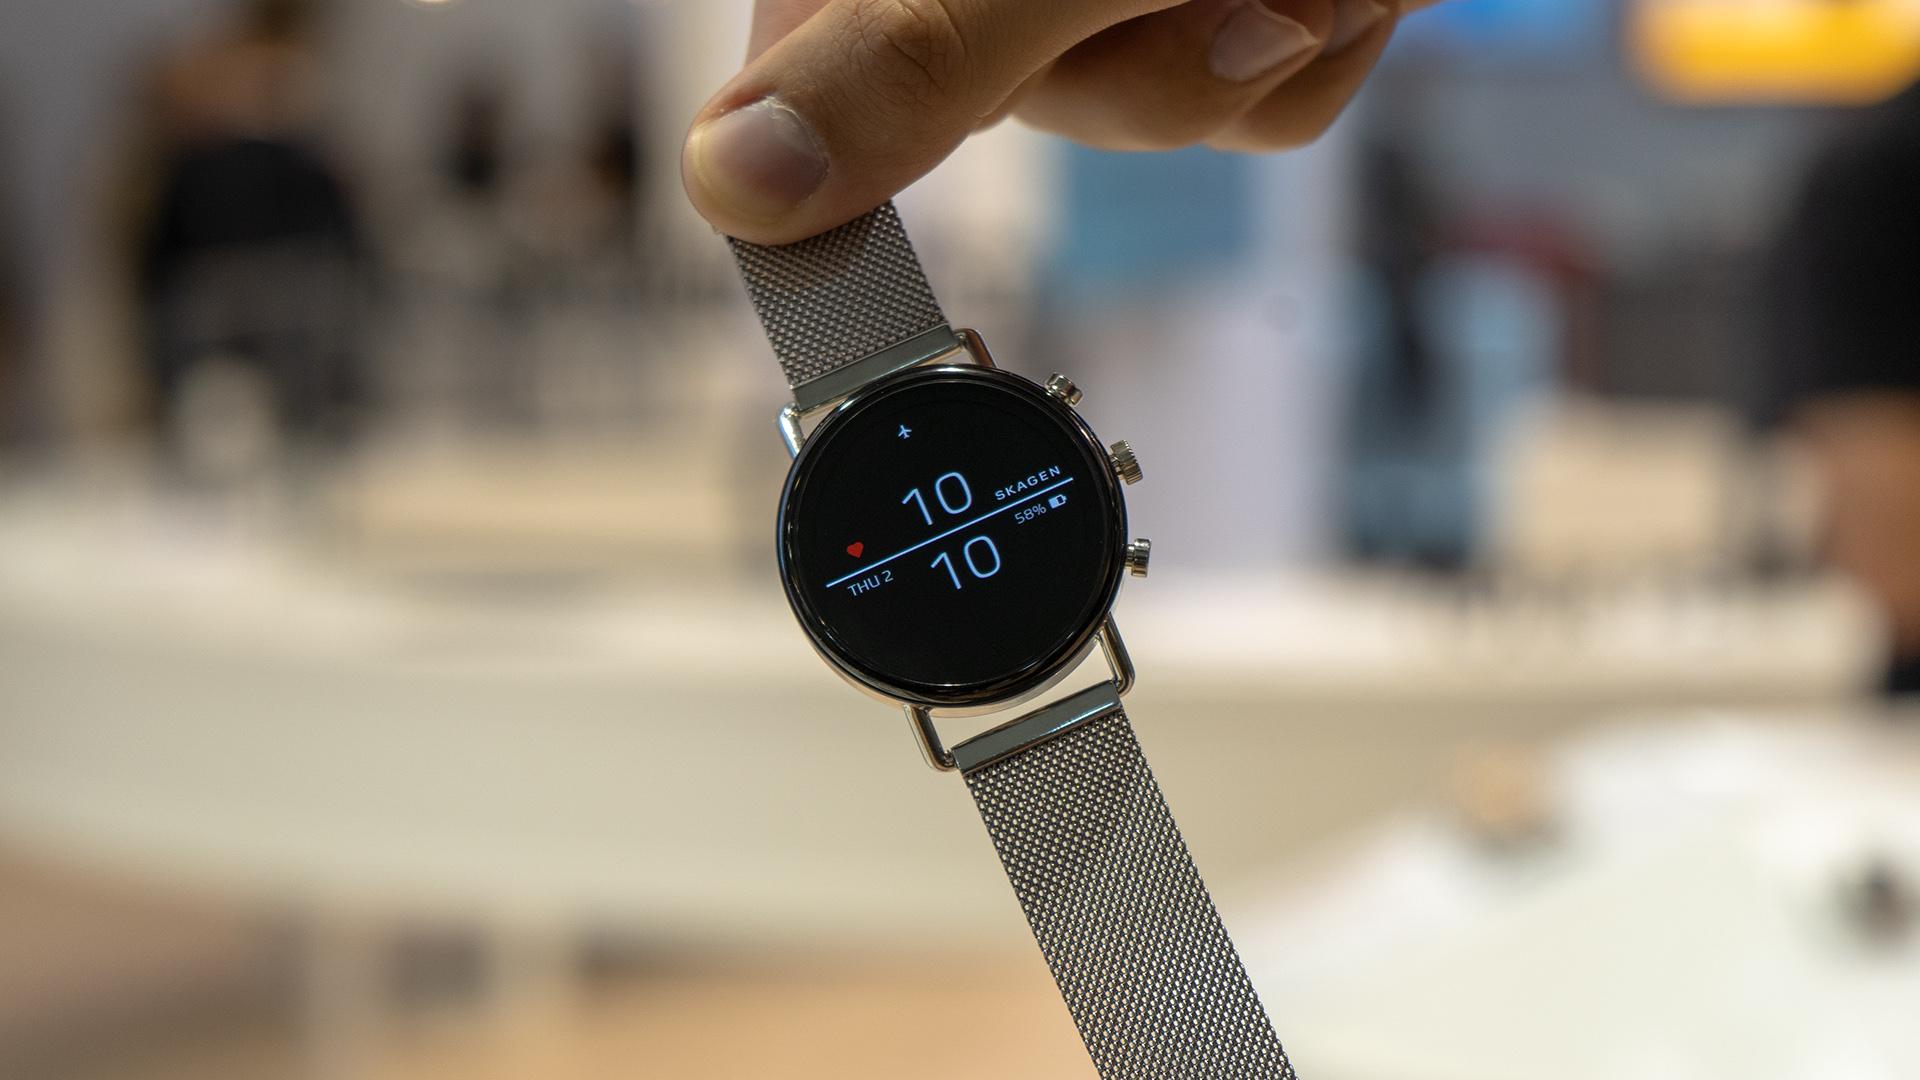 Skagen Falster 2 – vyzkoušeli jsme prémiové hodinky s Wear OS